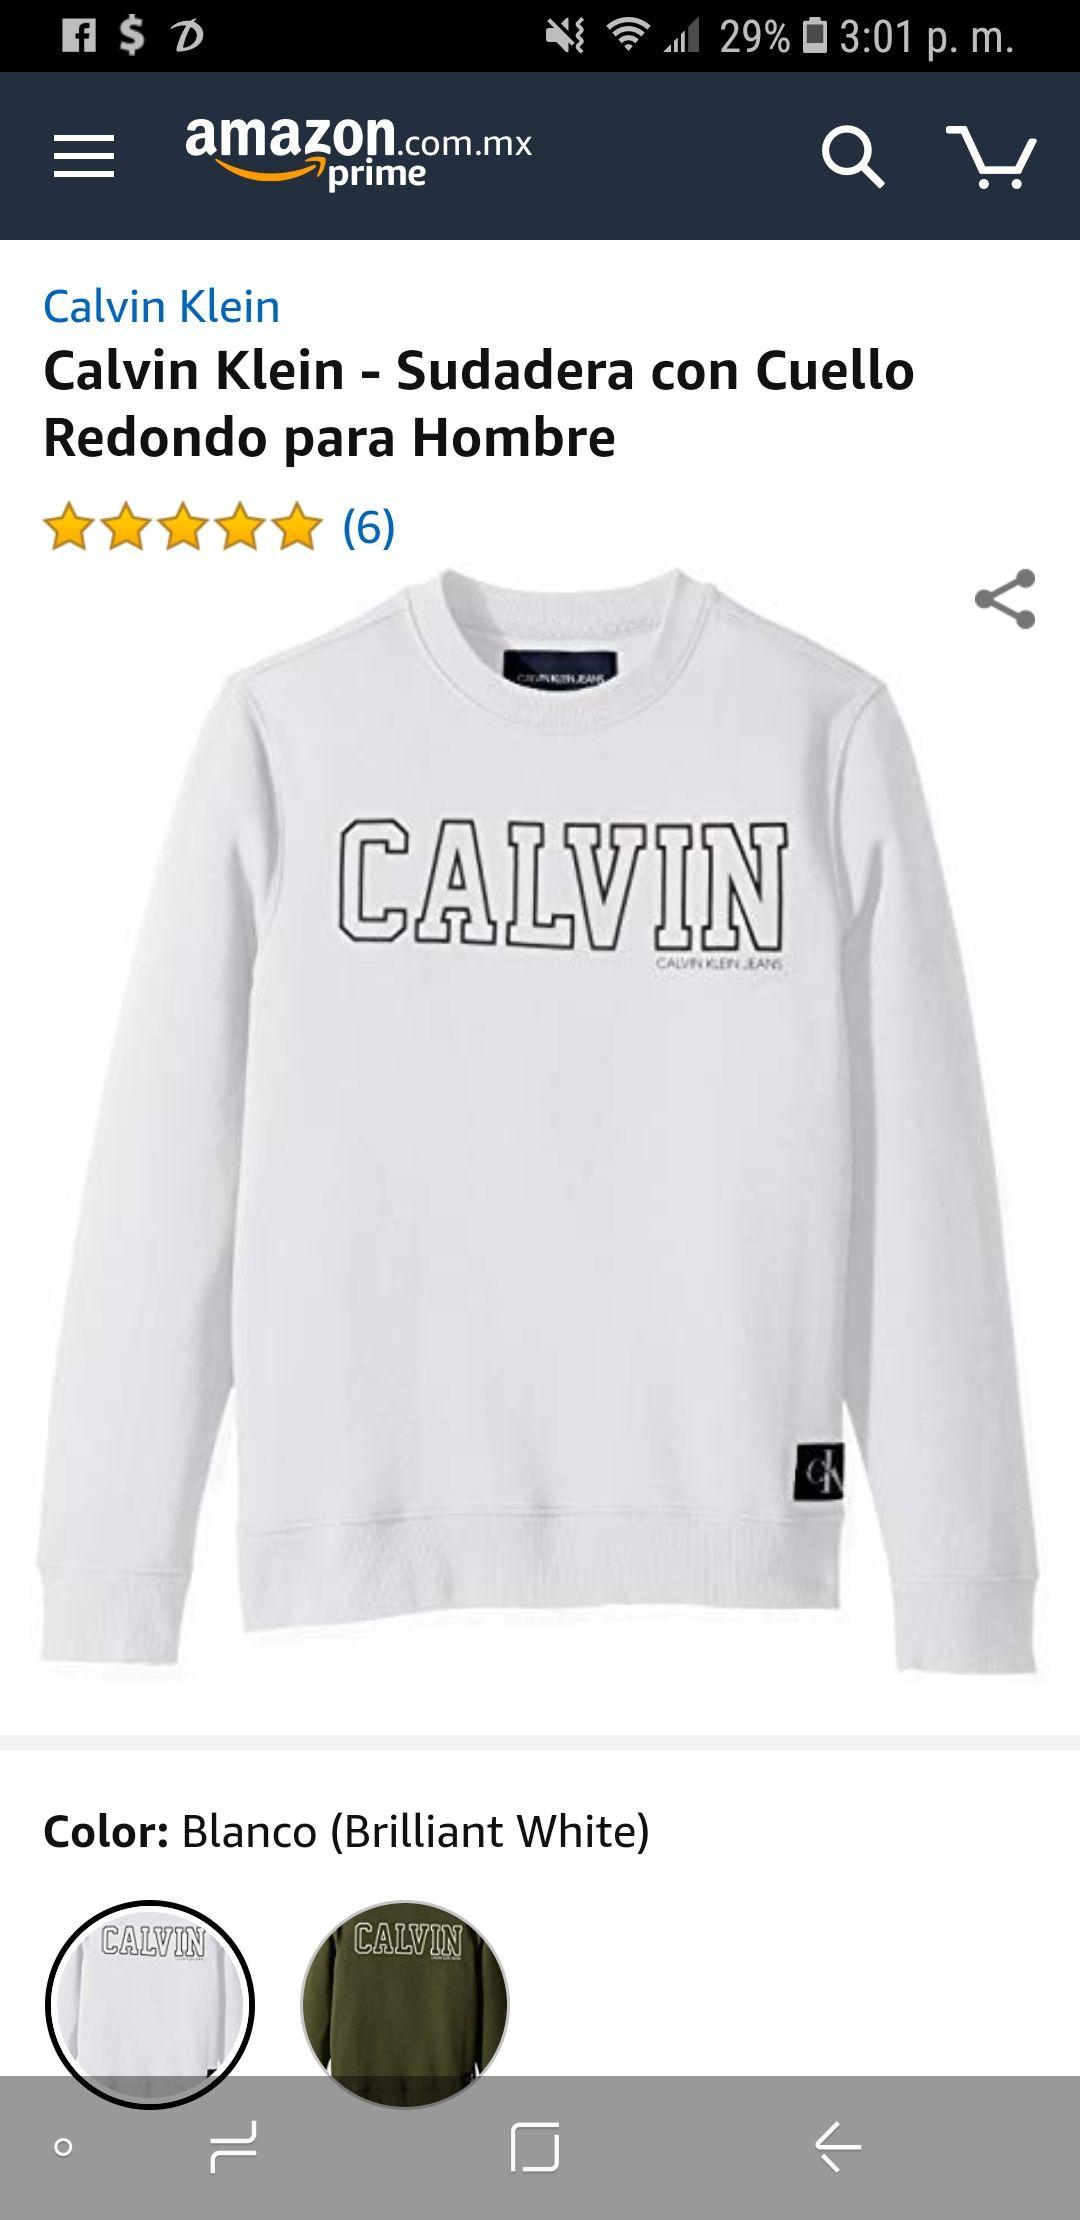 Amazon: Calvin Klein - Sudadera con Cuello Redondo para Hombre